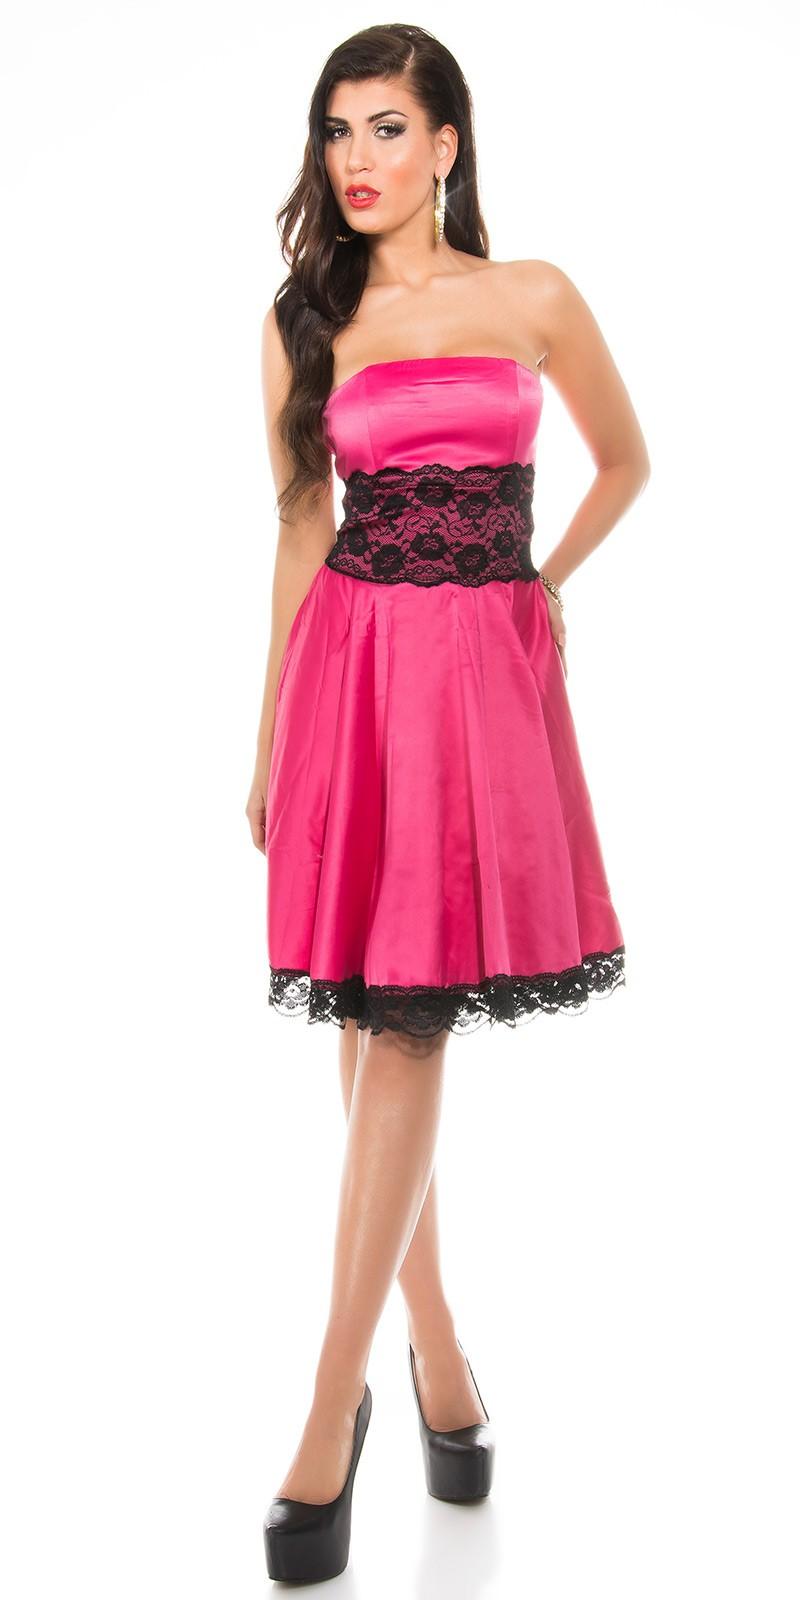 17b77834c6 Fekete csipke rátétes alkalmi ruha - Fukszia (36-40). Az Ön értékelése: